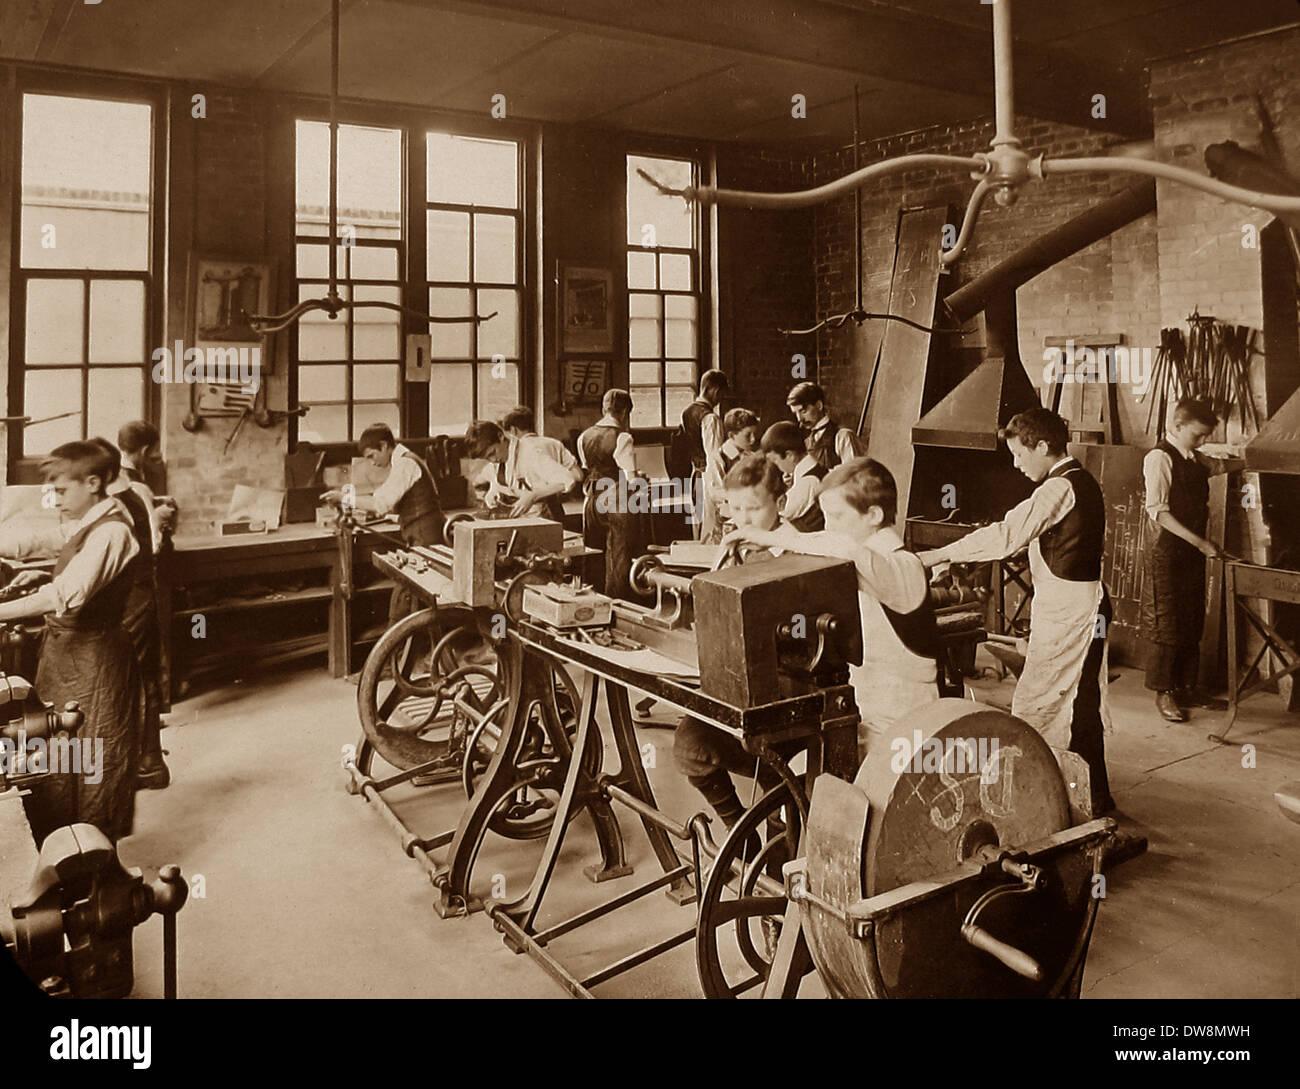 1920/30s School metal working class Photo Stock